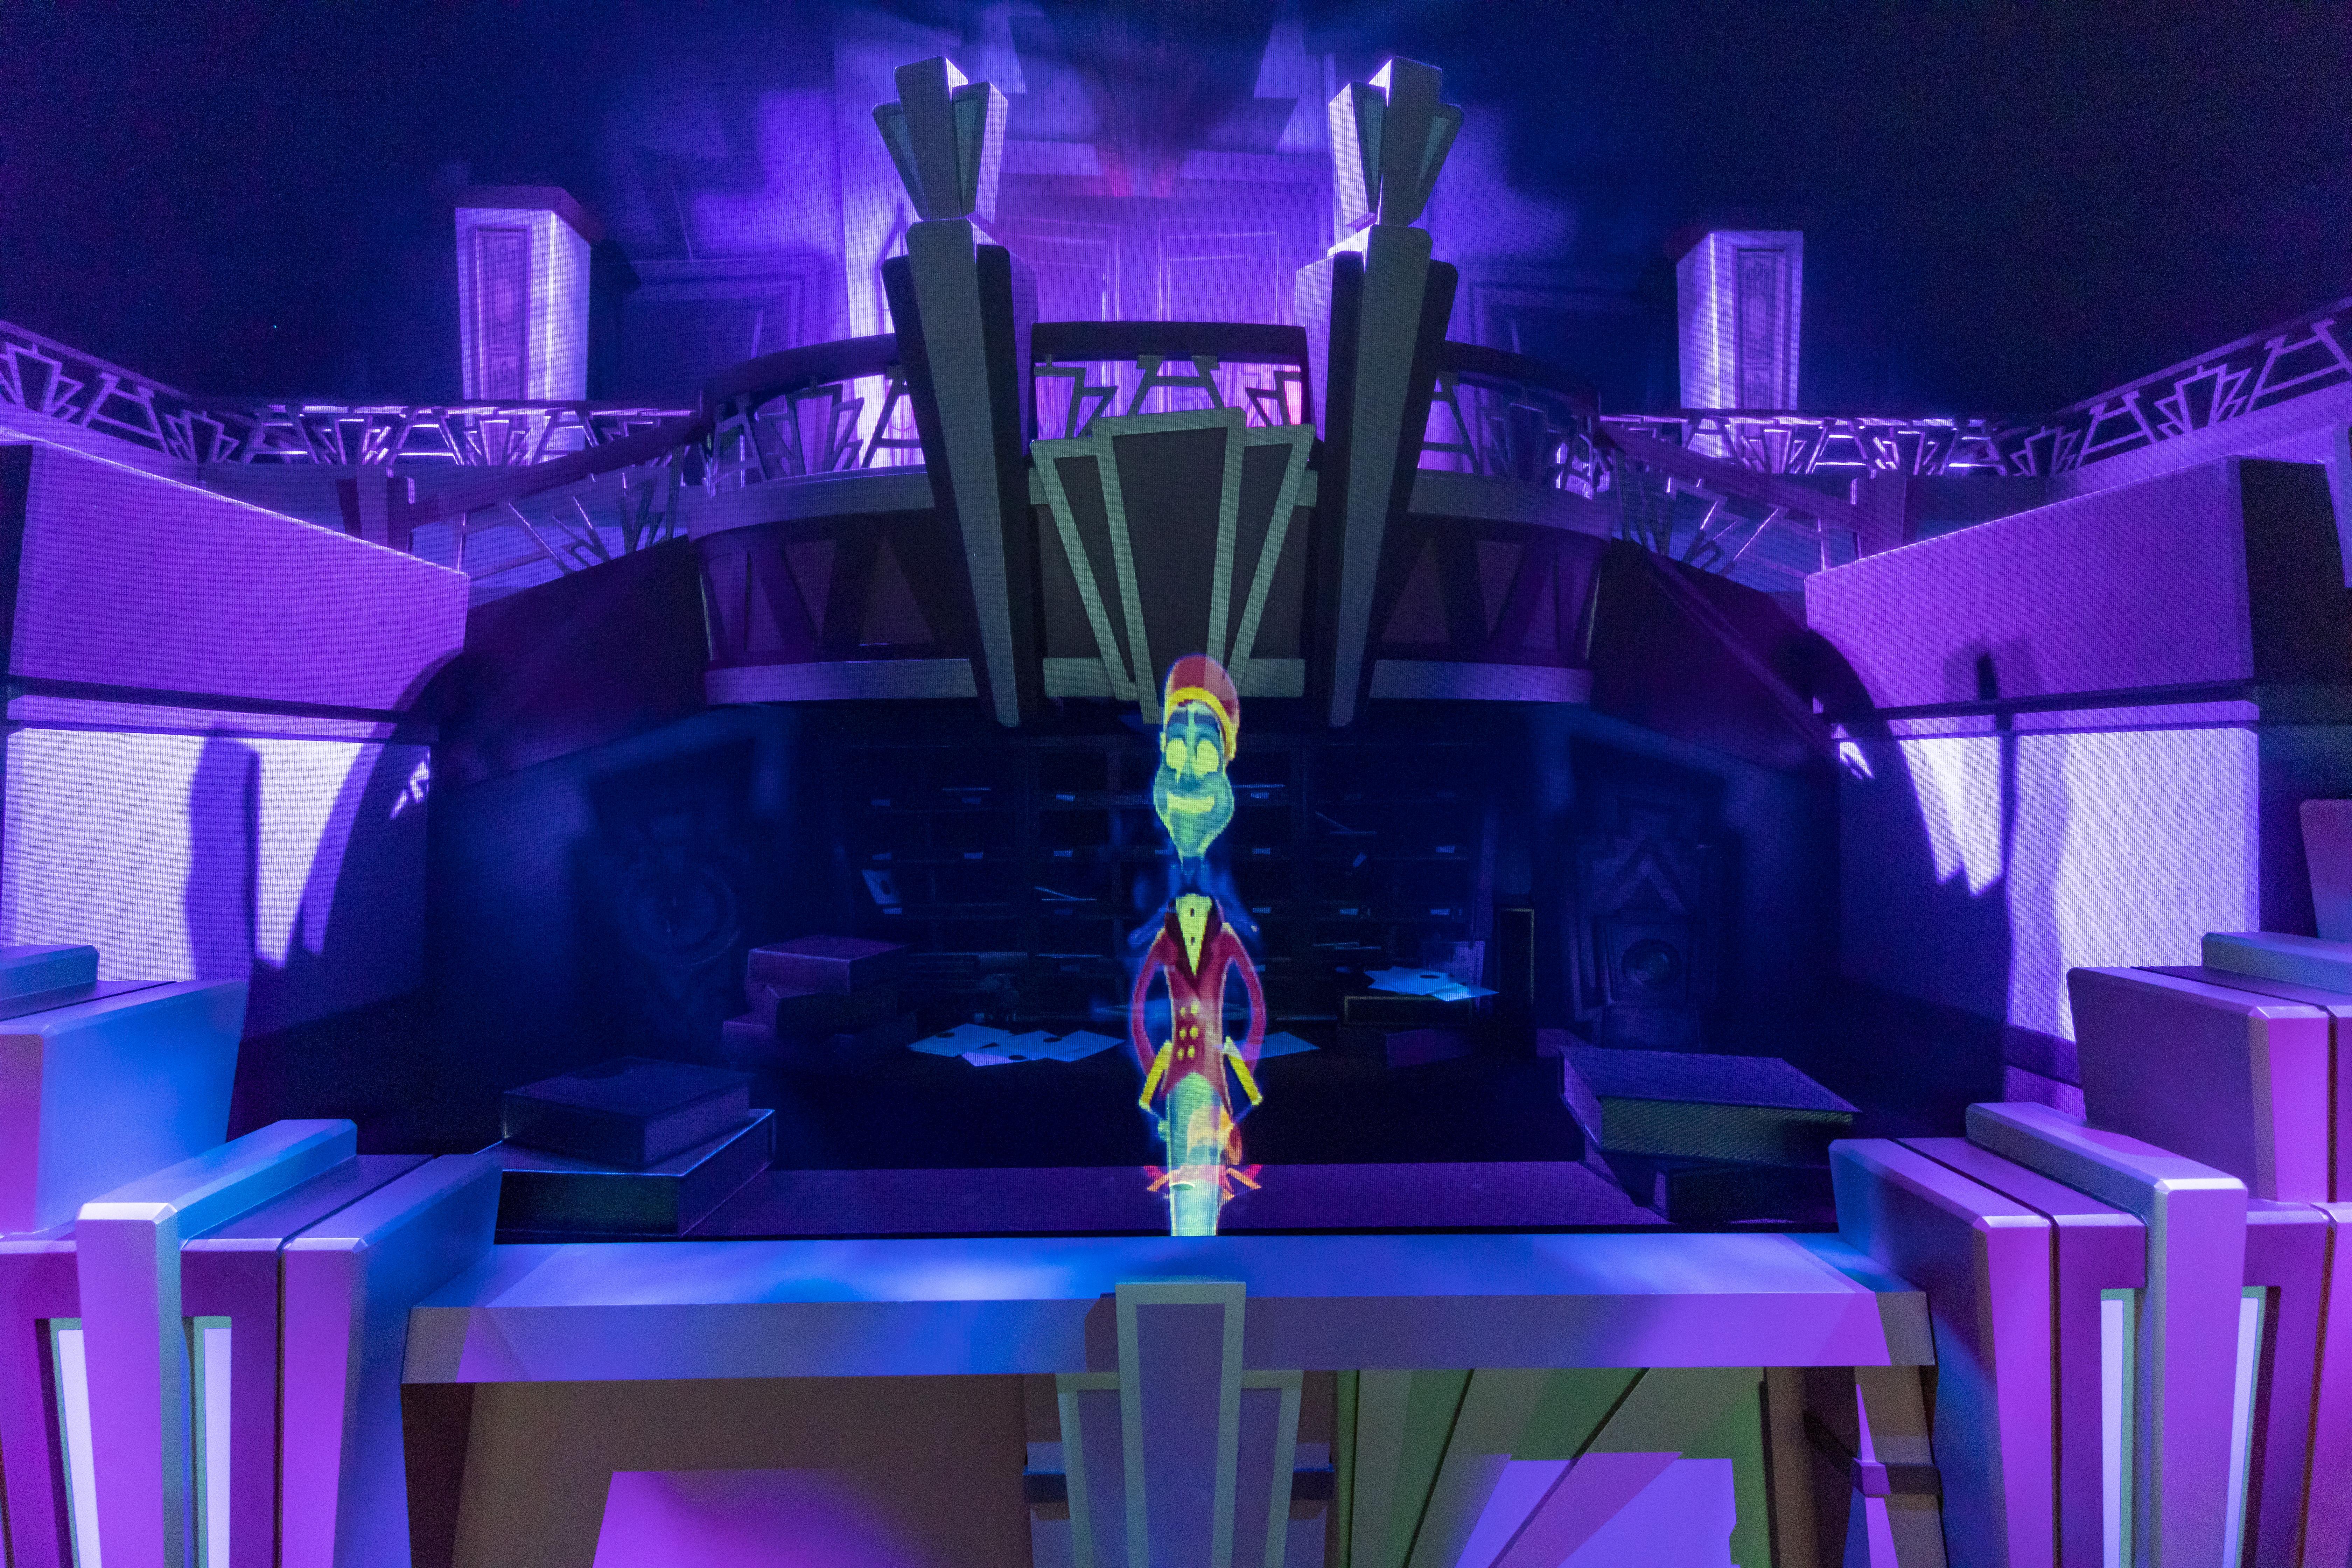 Holografischer Empfangsmitarbeiter. Holoplot ORION-System versteckt hinter akustisch durchlässigen Materialien.